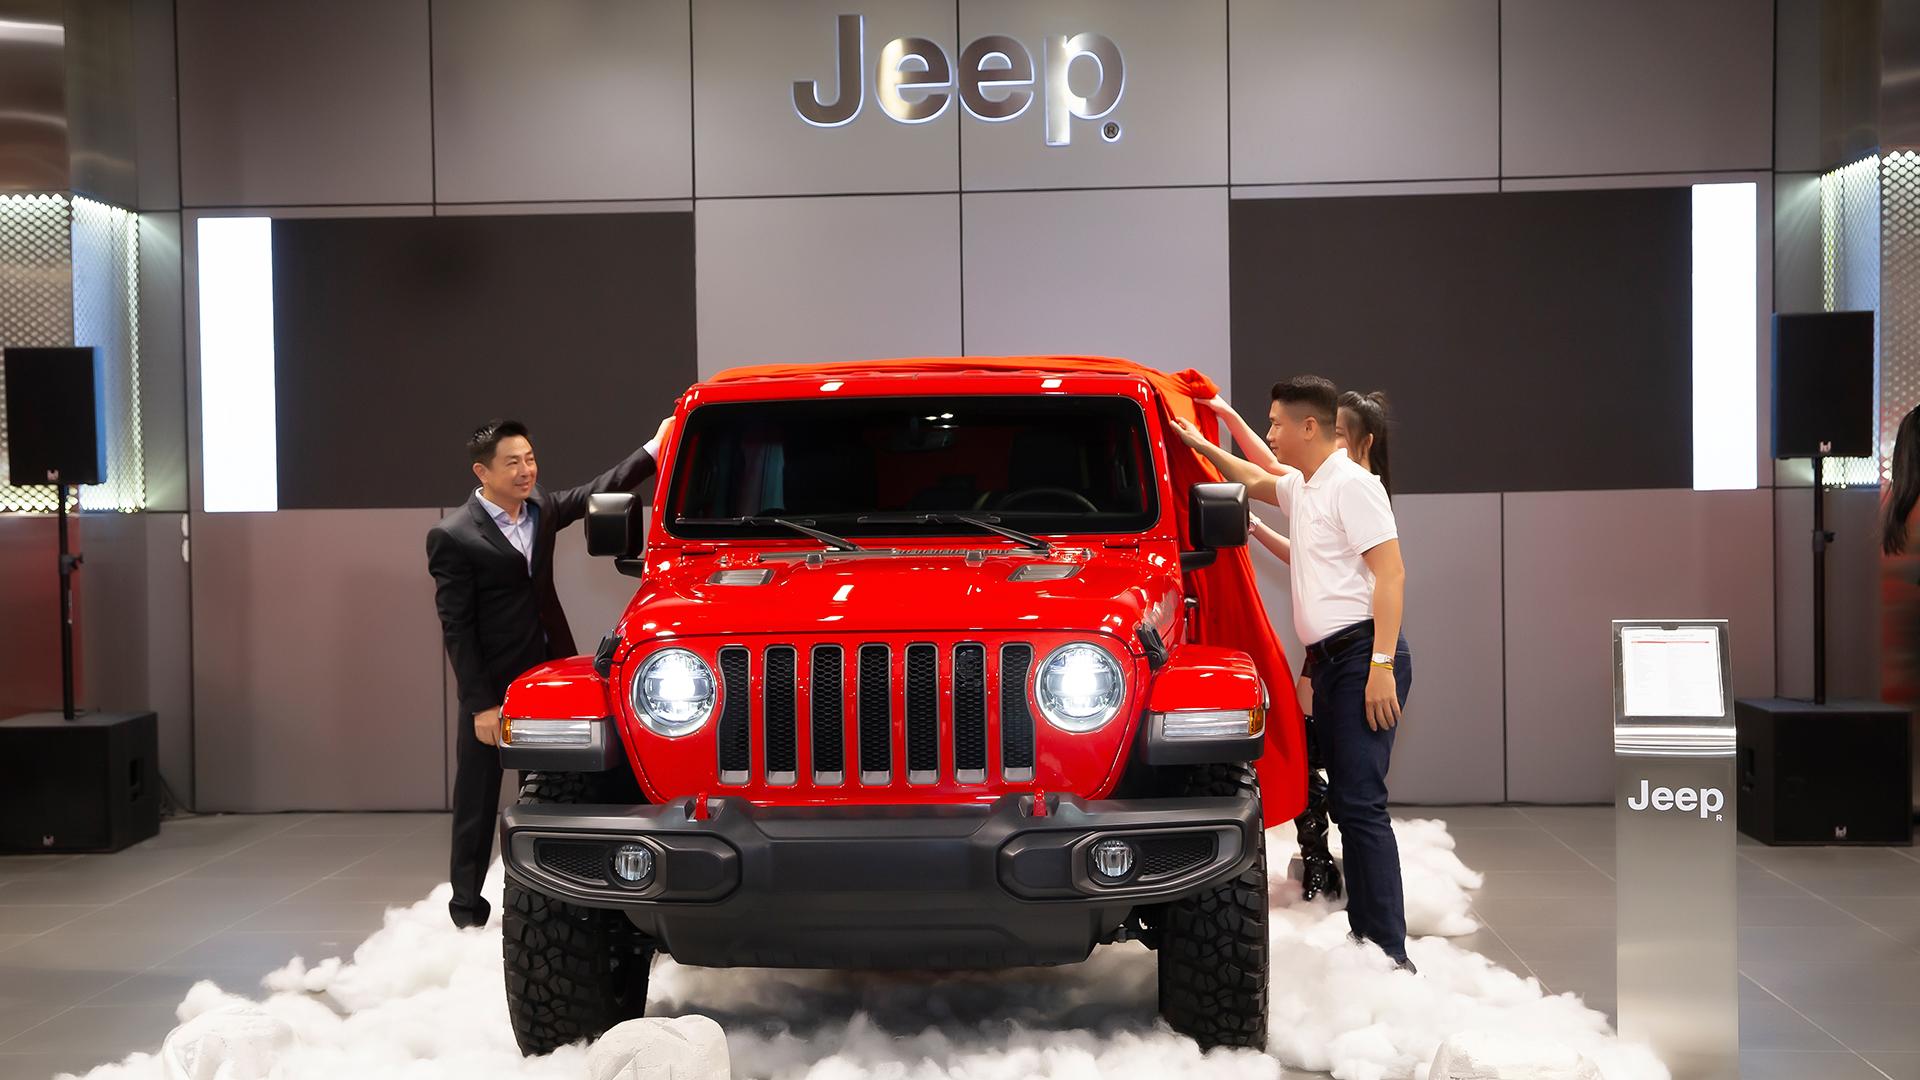 Khai trương showroom Jeep chính hãng tại Việt Nam jeep.jpg